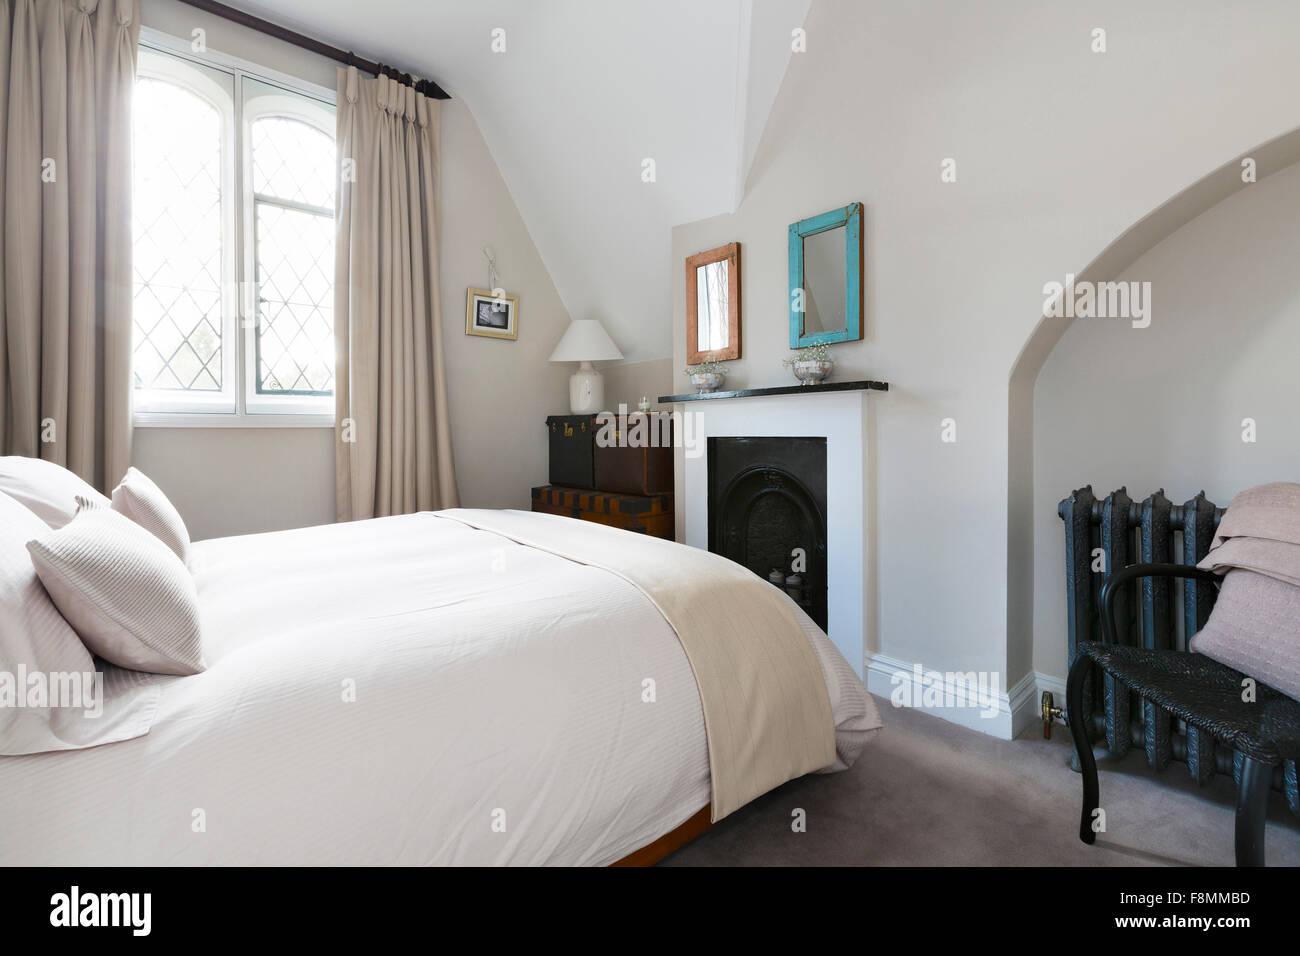 Grade II Country Lodge à Weybridge. Chambre Avec Cheminée Du0027époque. Un  Design Intérieur Contemporain Avec Un Mobilier Moderne Et De Murs Blancs.